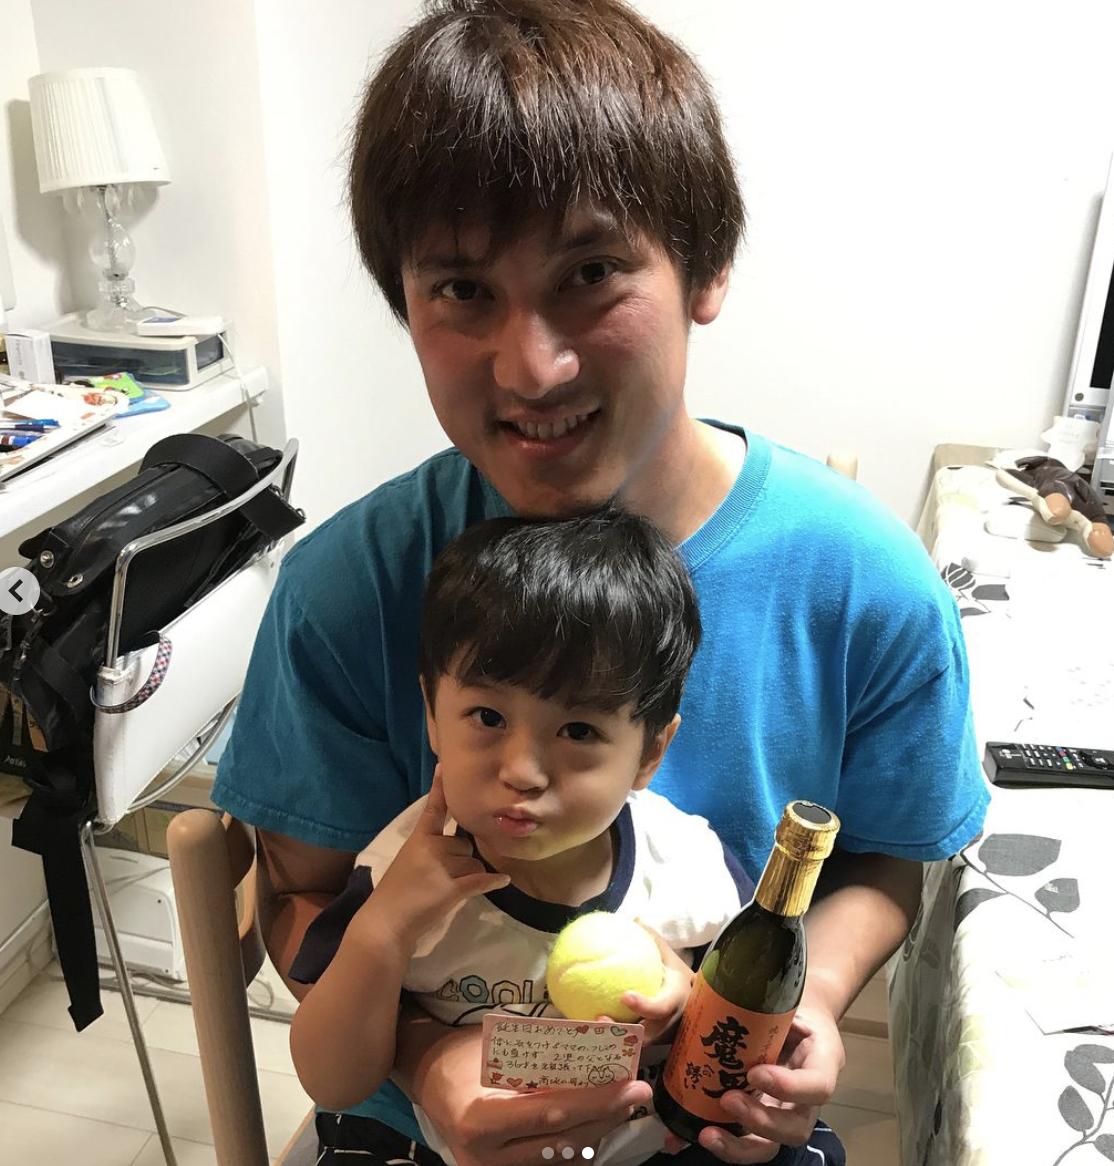 石川裕梨の夫(石川裕梨Instagramより)